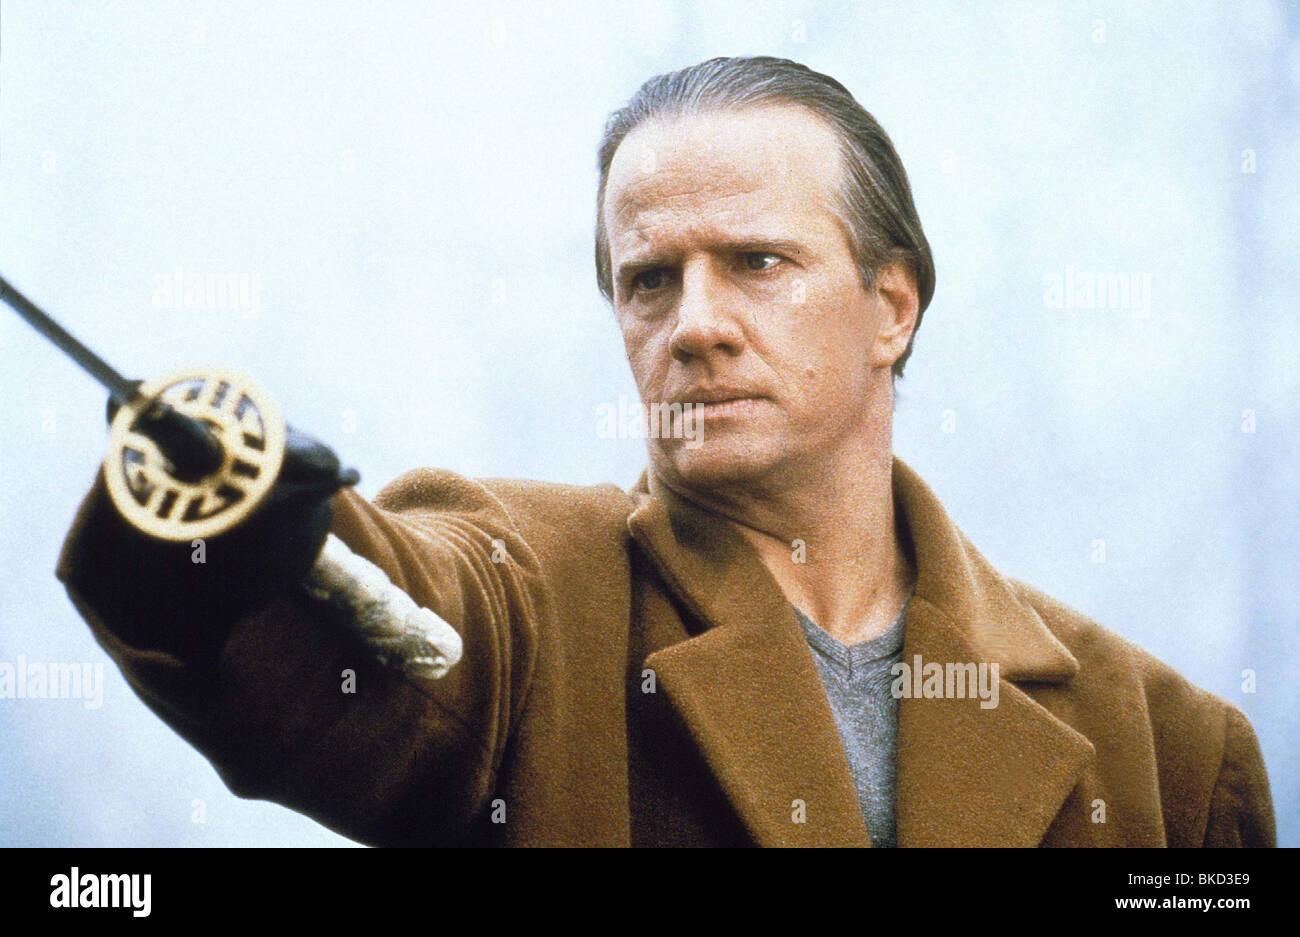 HIGHLANDER 4: ENDGAME (2000) CHRISTOPHER LAMBERT HLEG 007 - Stock Image